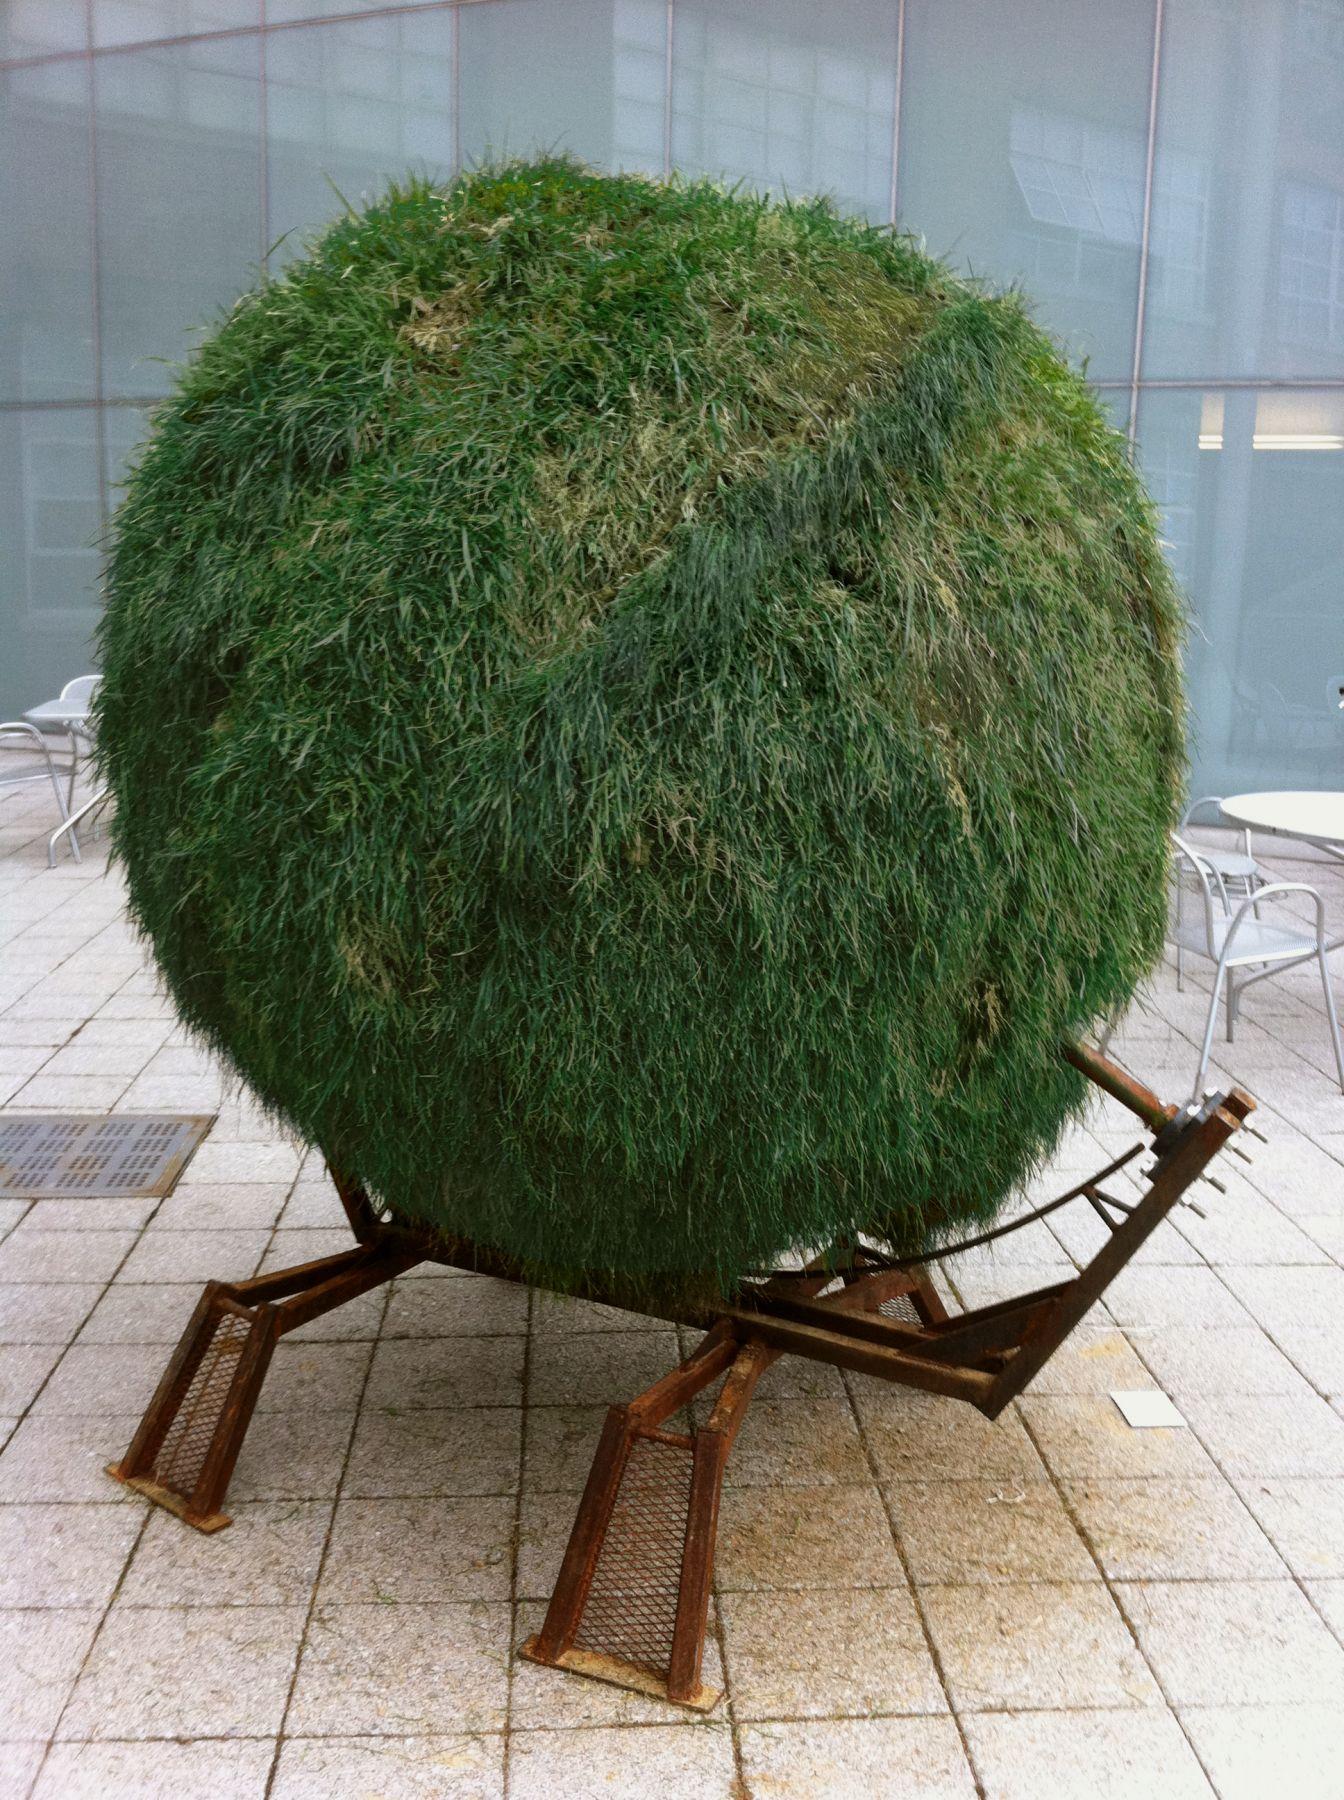 DAN GIOIA Sphere 2011, sod and steel, 84 x 84 x 60 inches.